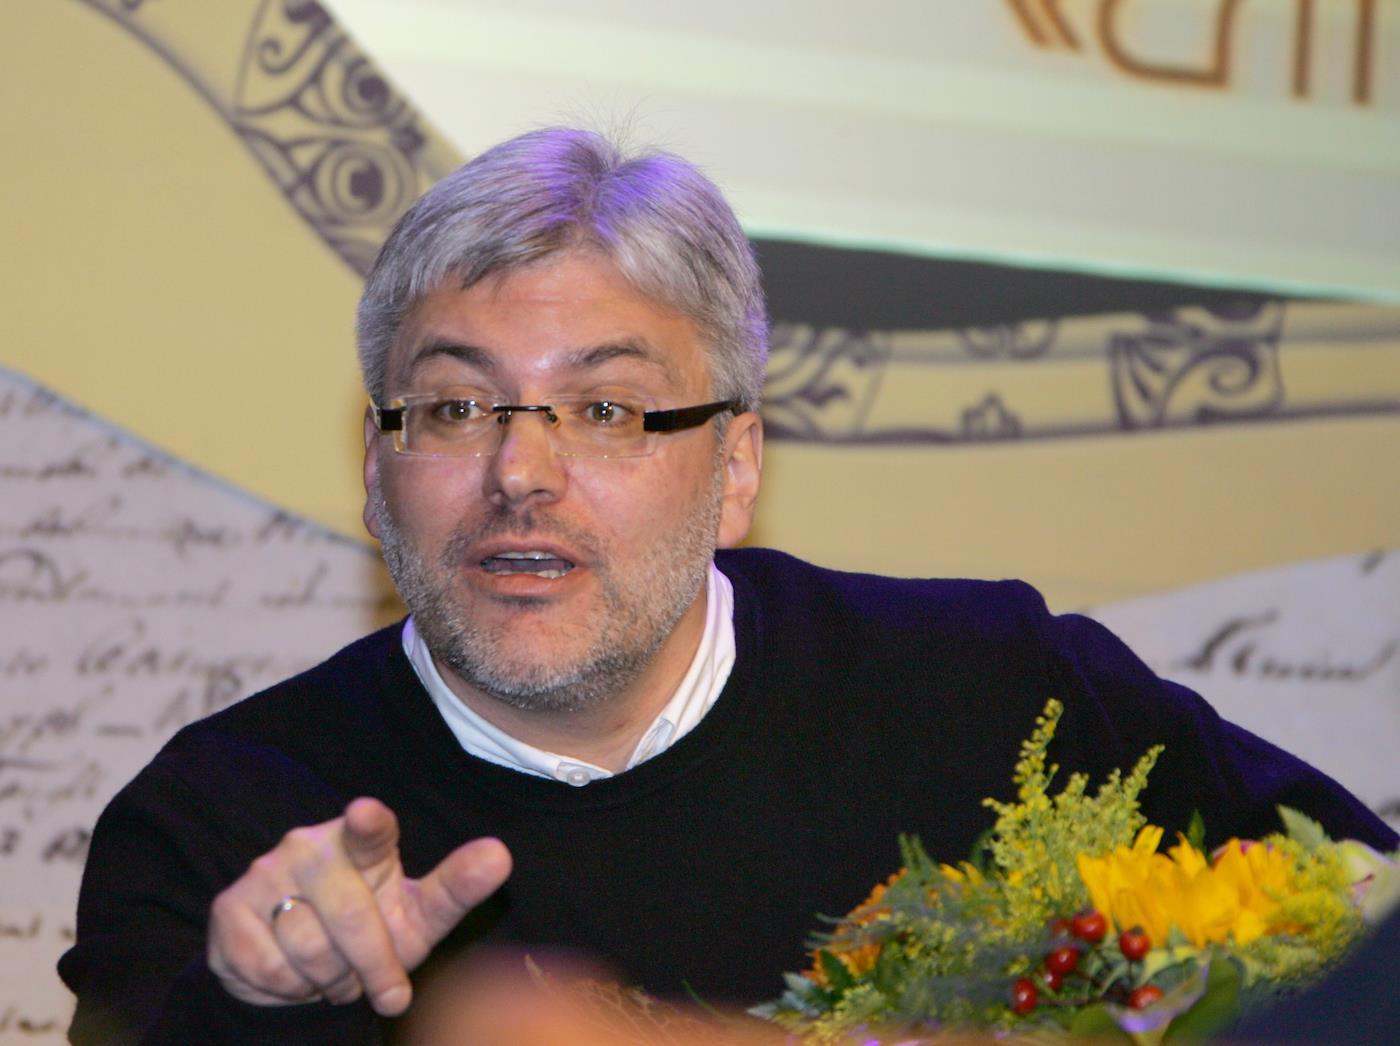 Евгений Водолазкин<br><br>автор фото&nbsp;Валерий Левитин/Коммерсантъ